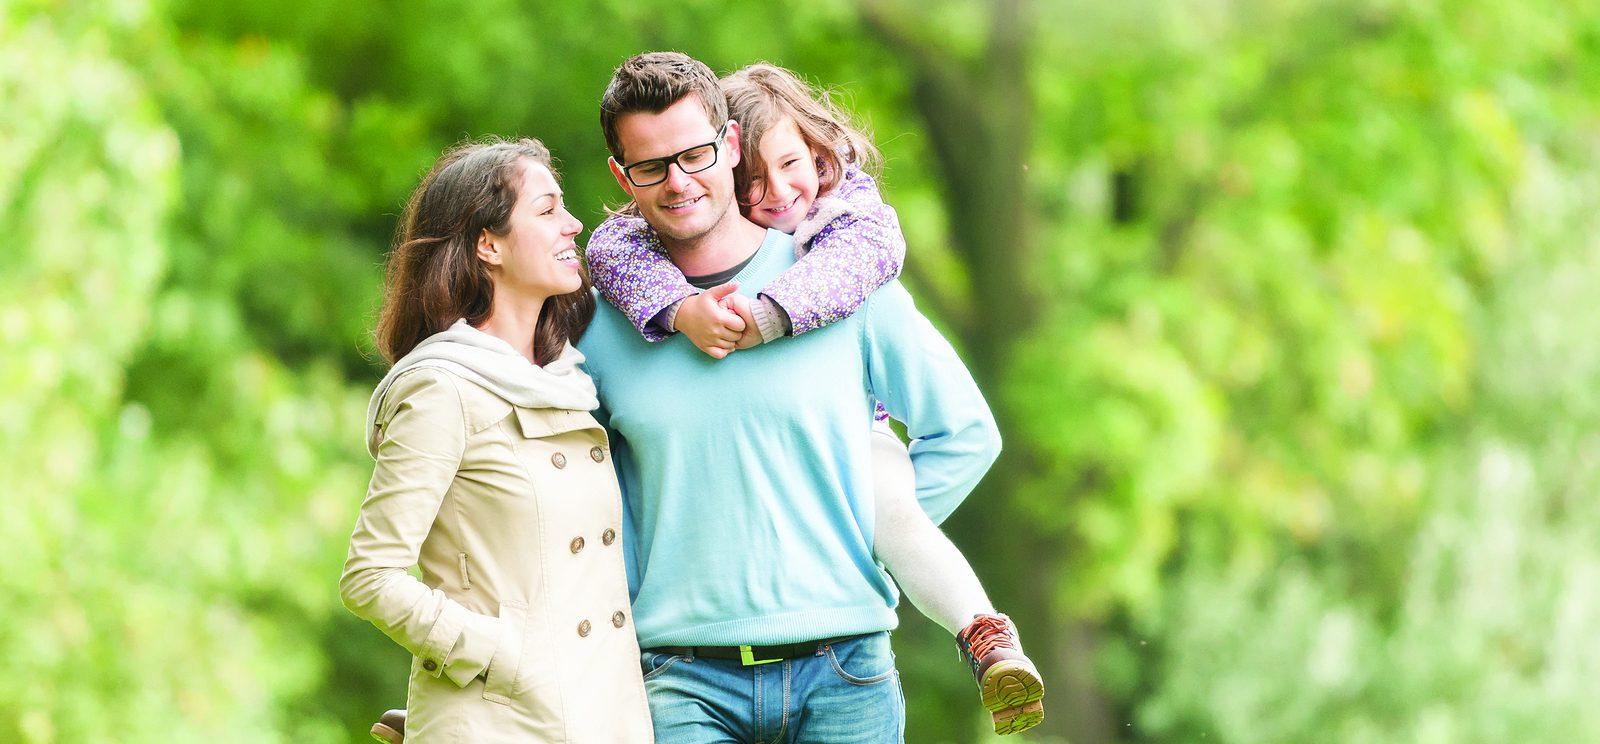 Happy family of three having fun outdoor. - Masonic Homes